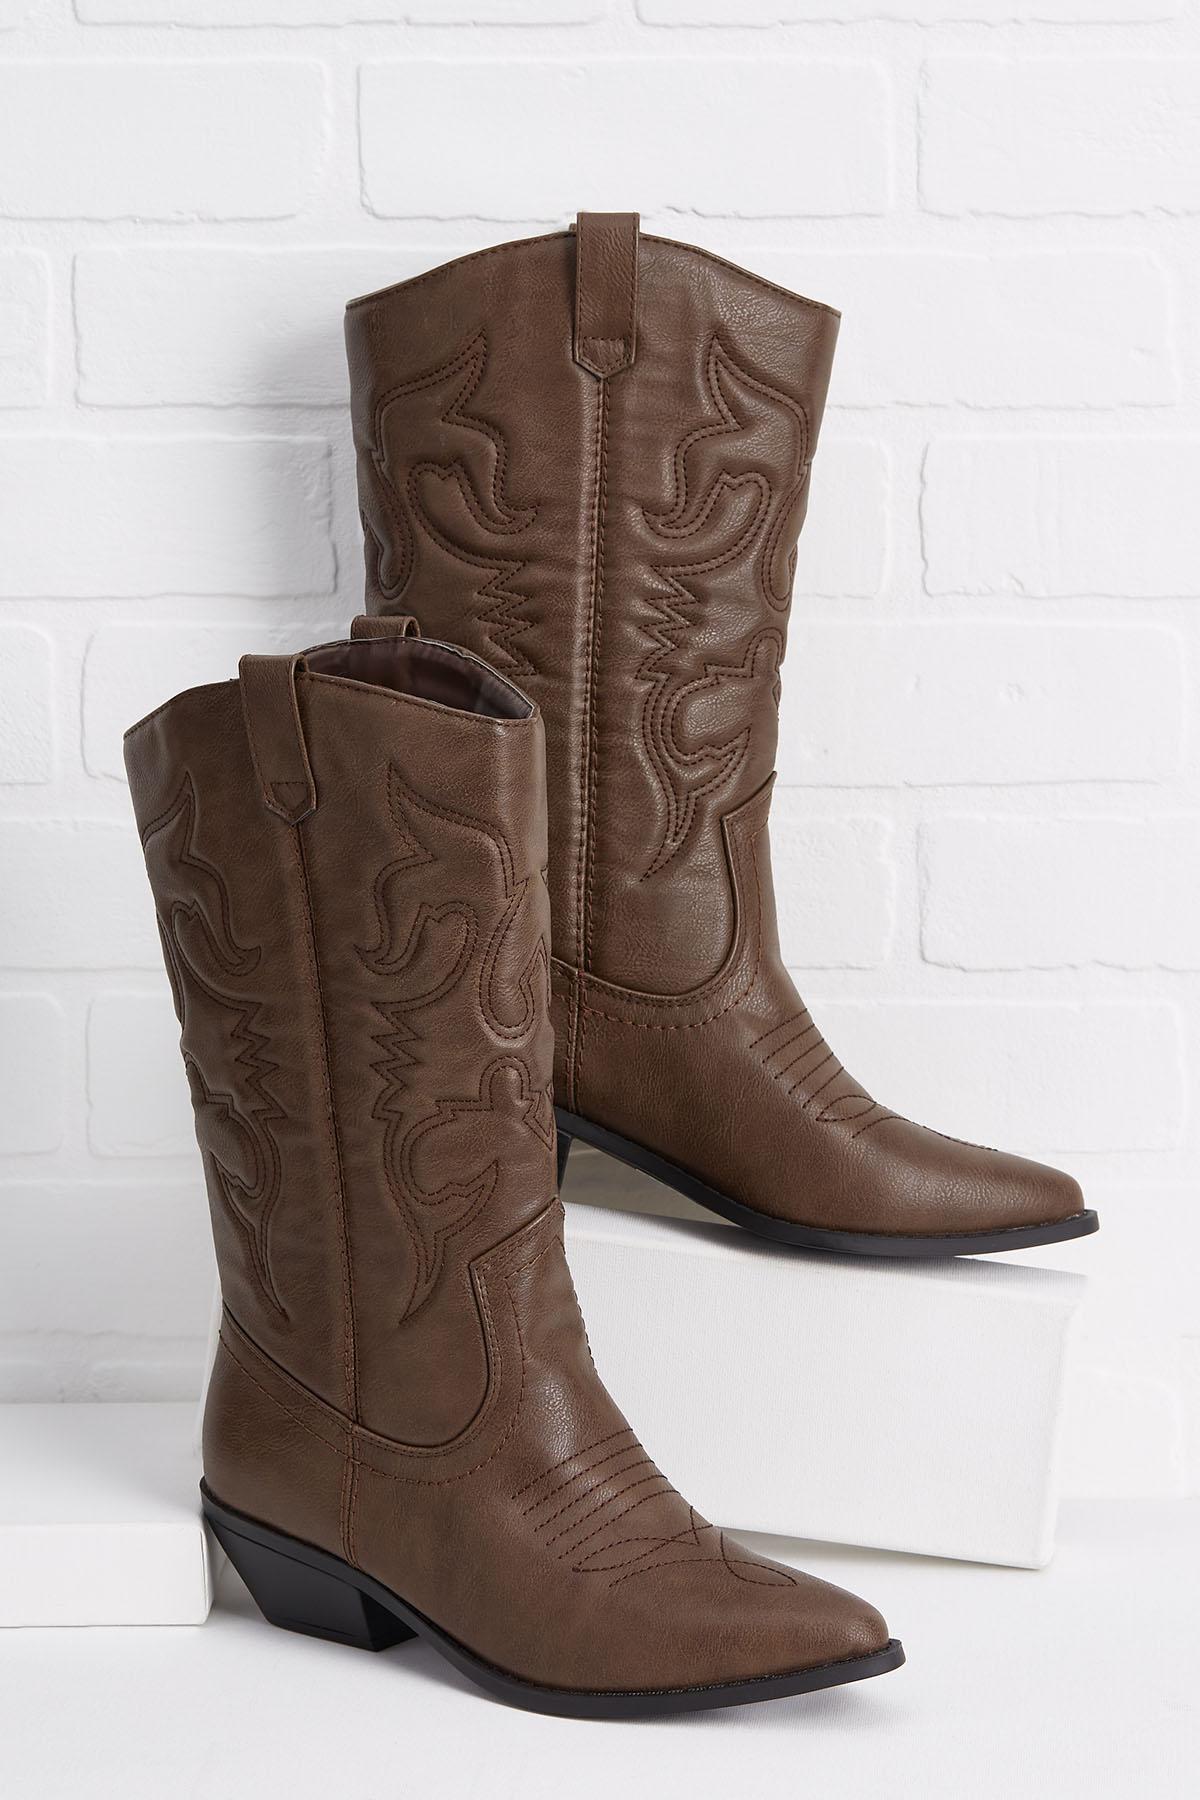 Yeehaw Boots